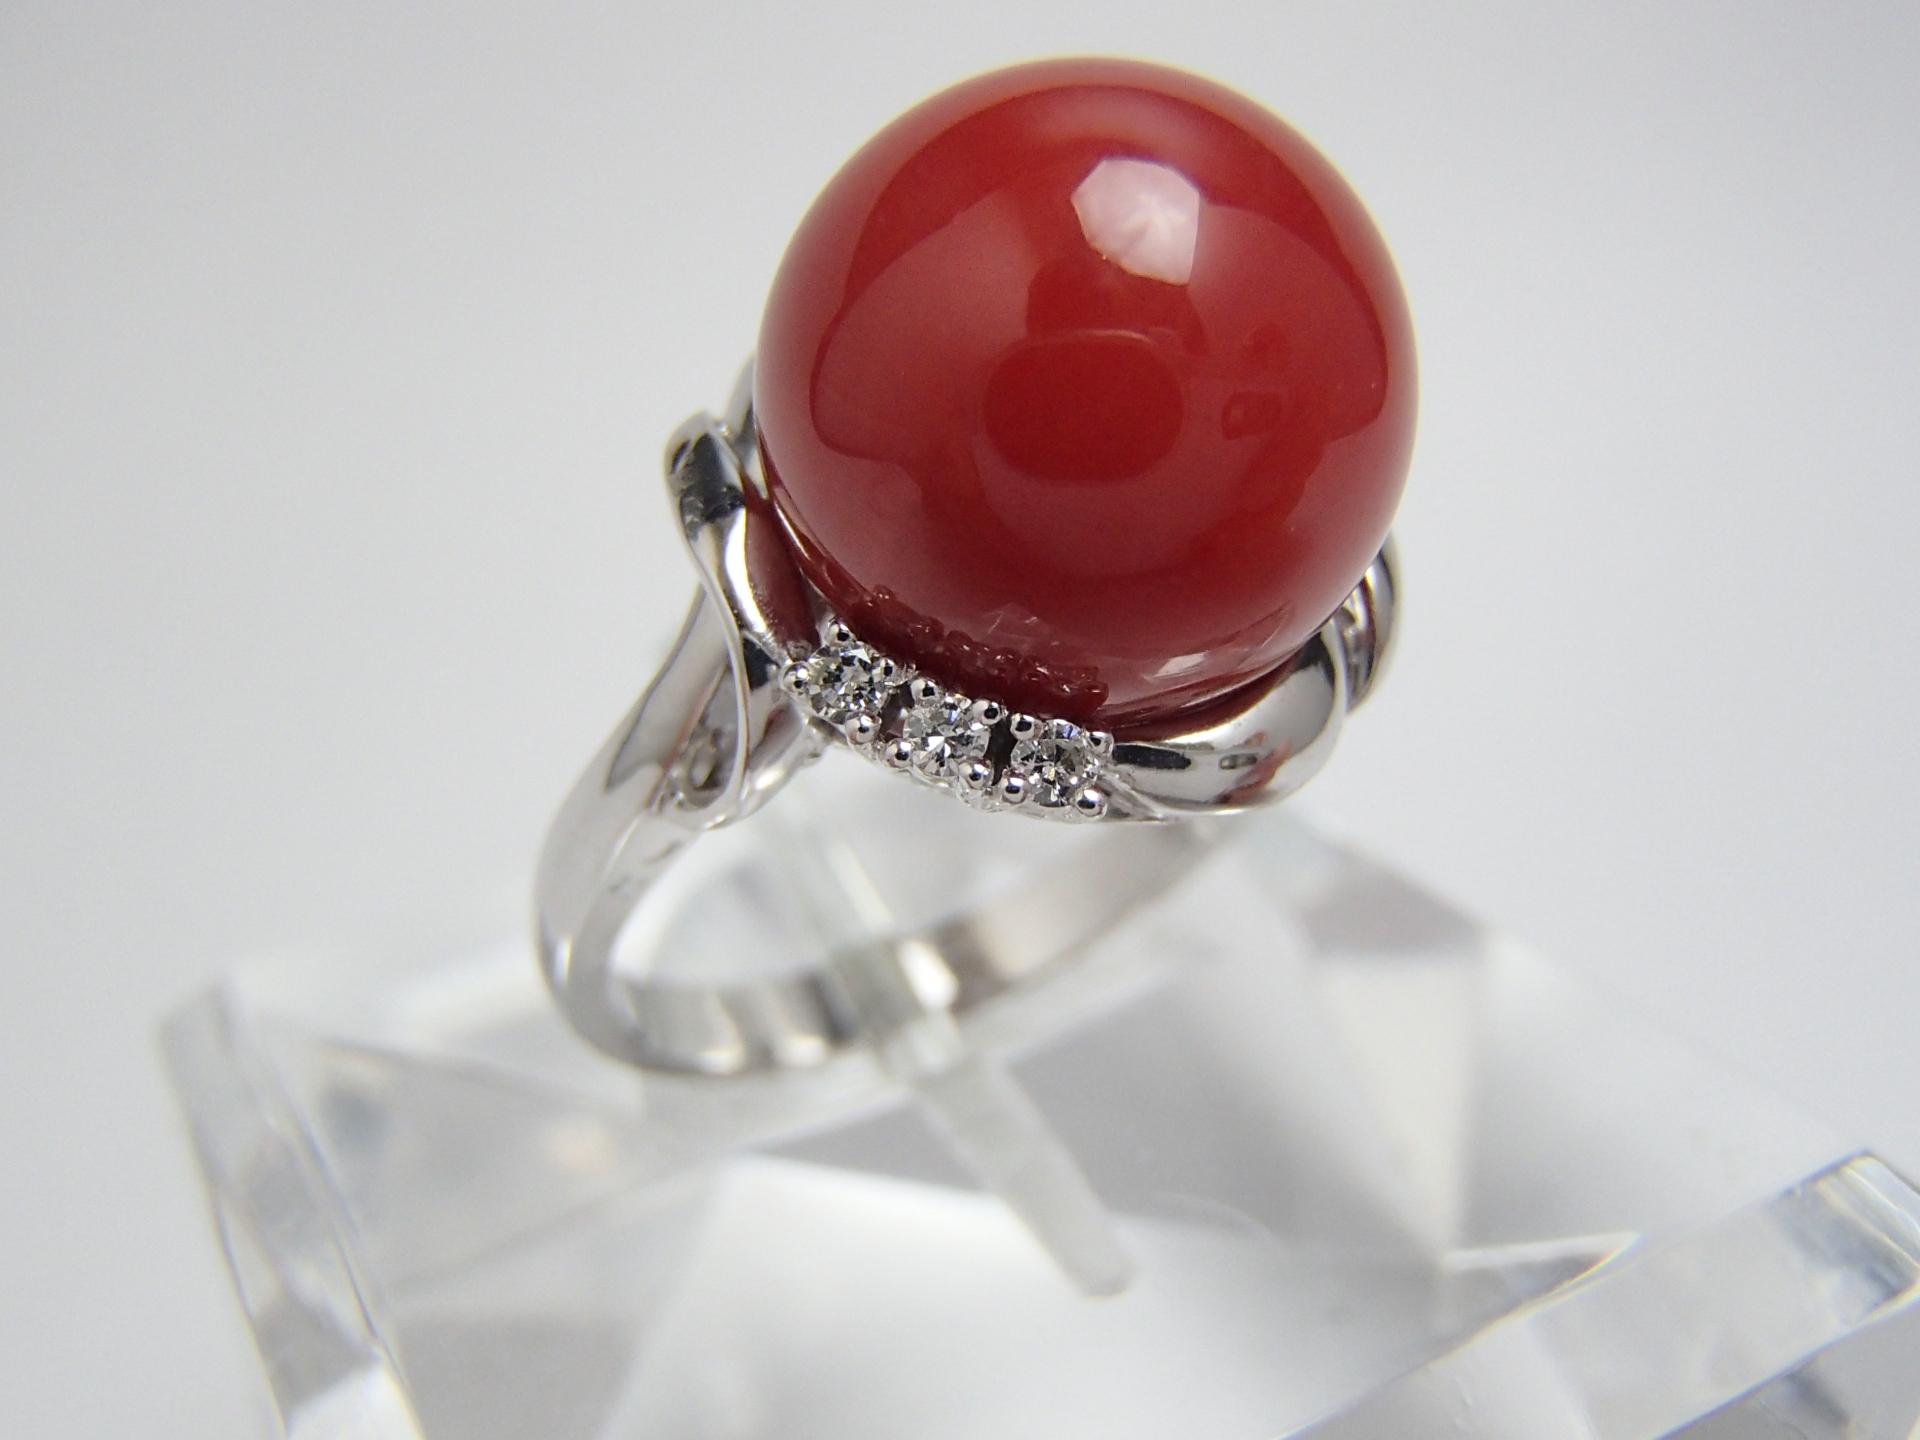 赤珊瑚のリングを高価買取! 丸玉が良いとされる理由はなに!?